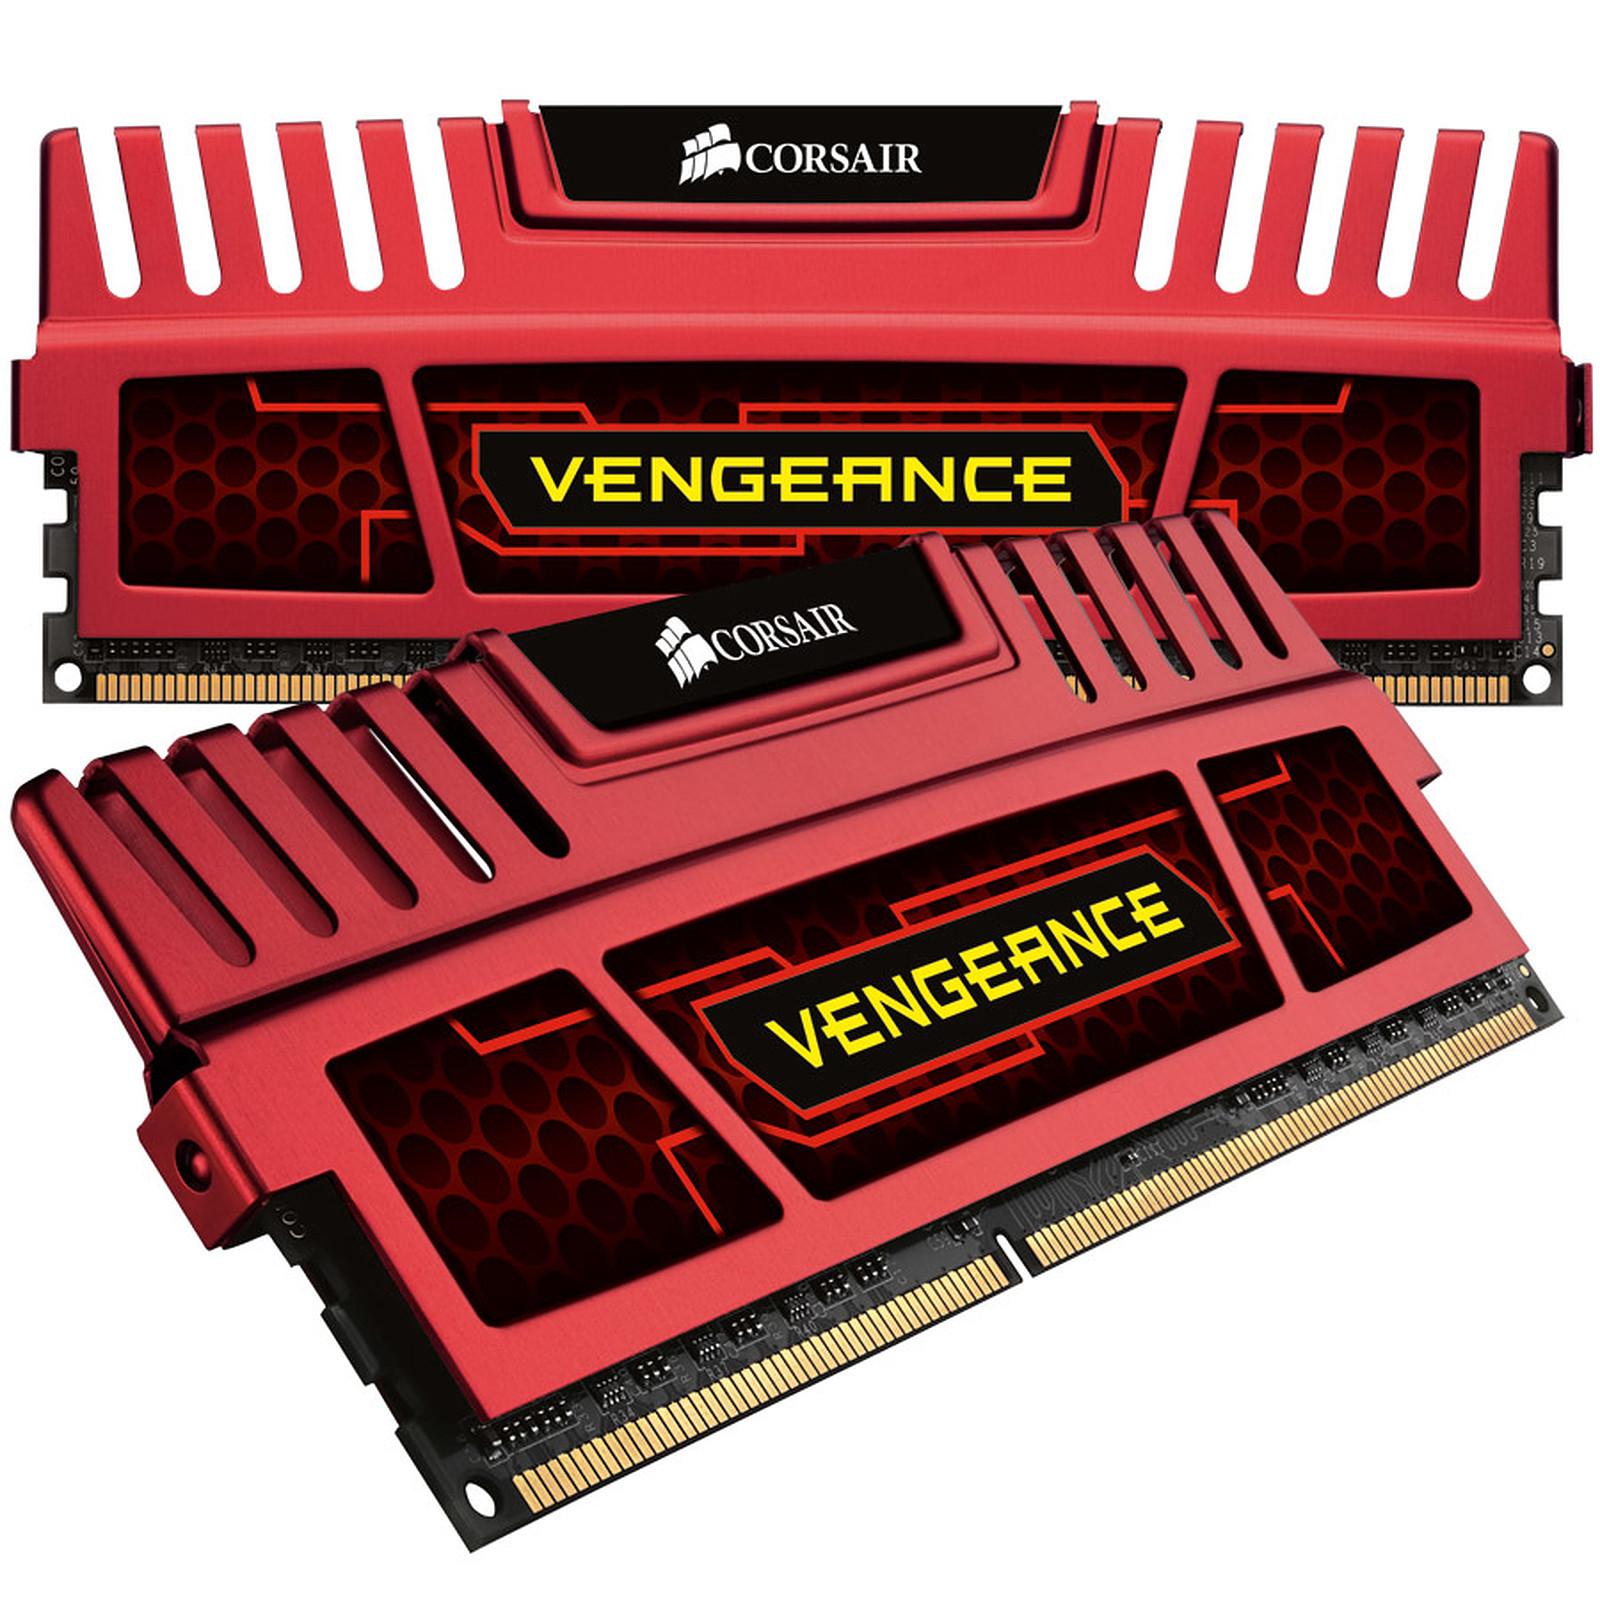 Corsair Vengeance Series 8 Go (2x 4 Go) DDR3 1866 MHz CL9 Rouge